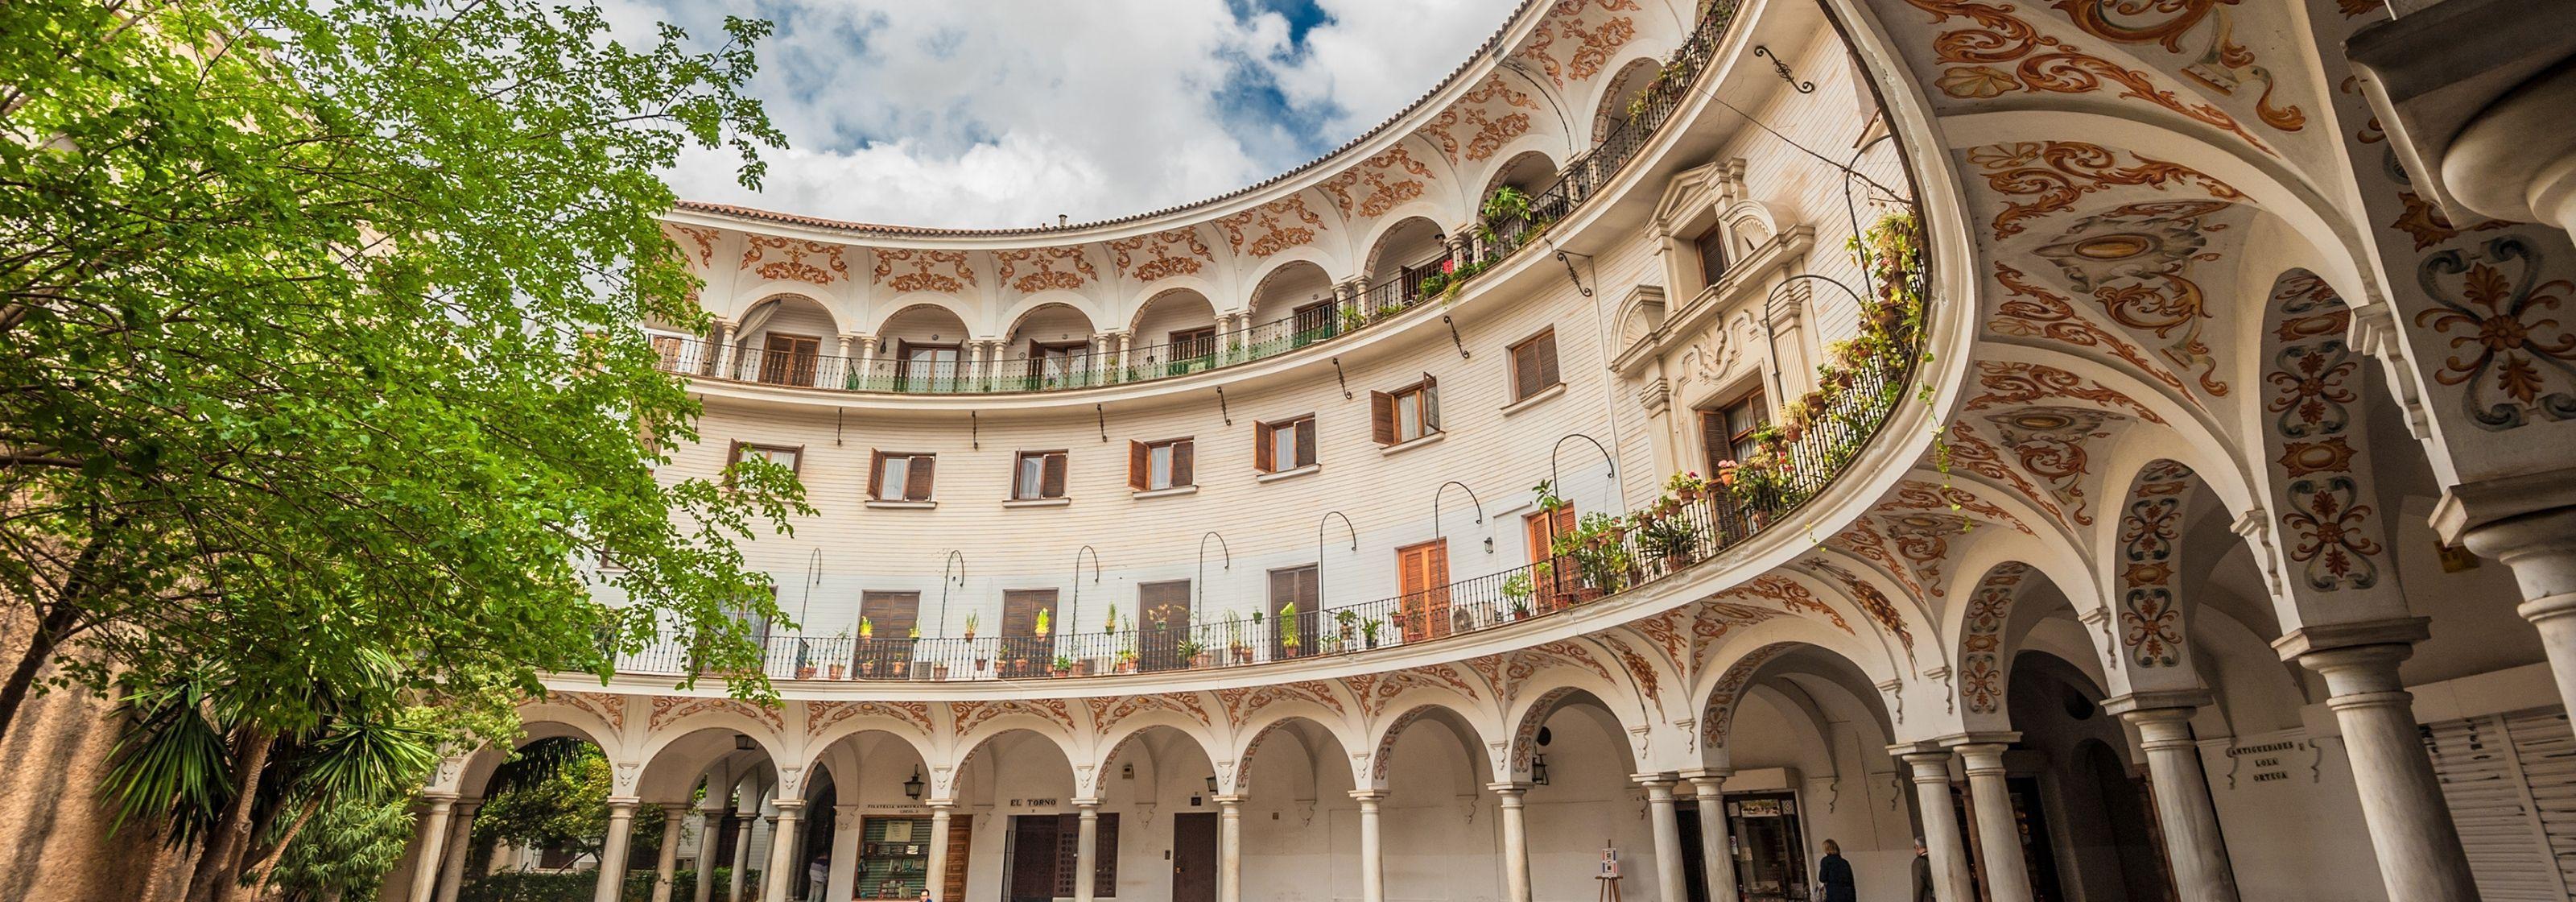 Choses à faire à Séville